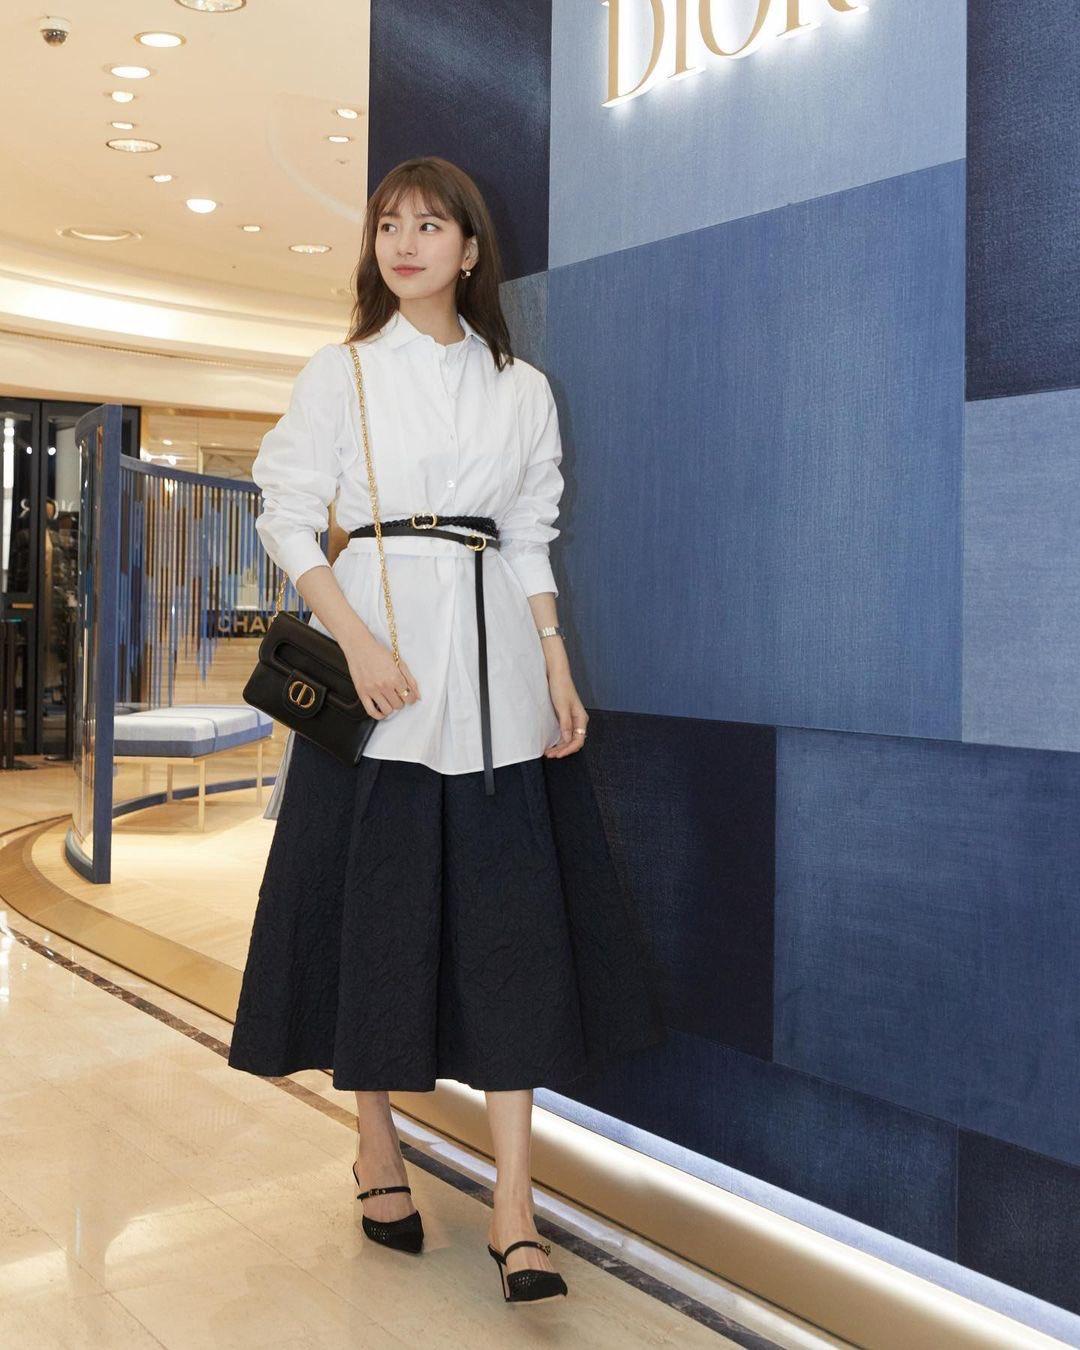 """Vượt mặt Jisoo, Suzy mới là sao Hàn được Dior ưu ái đến độ đặc biệt """"độc nhất vô nhị"""" như thế này - Ảnh 6."""